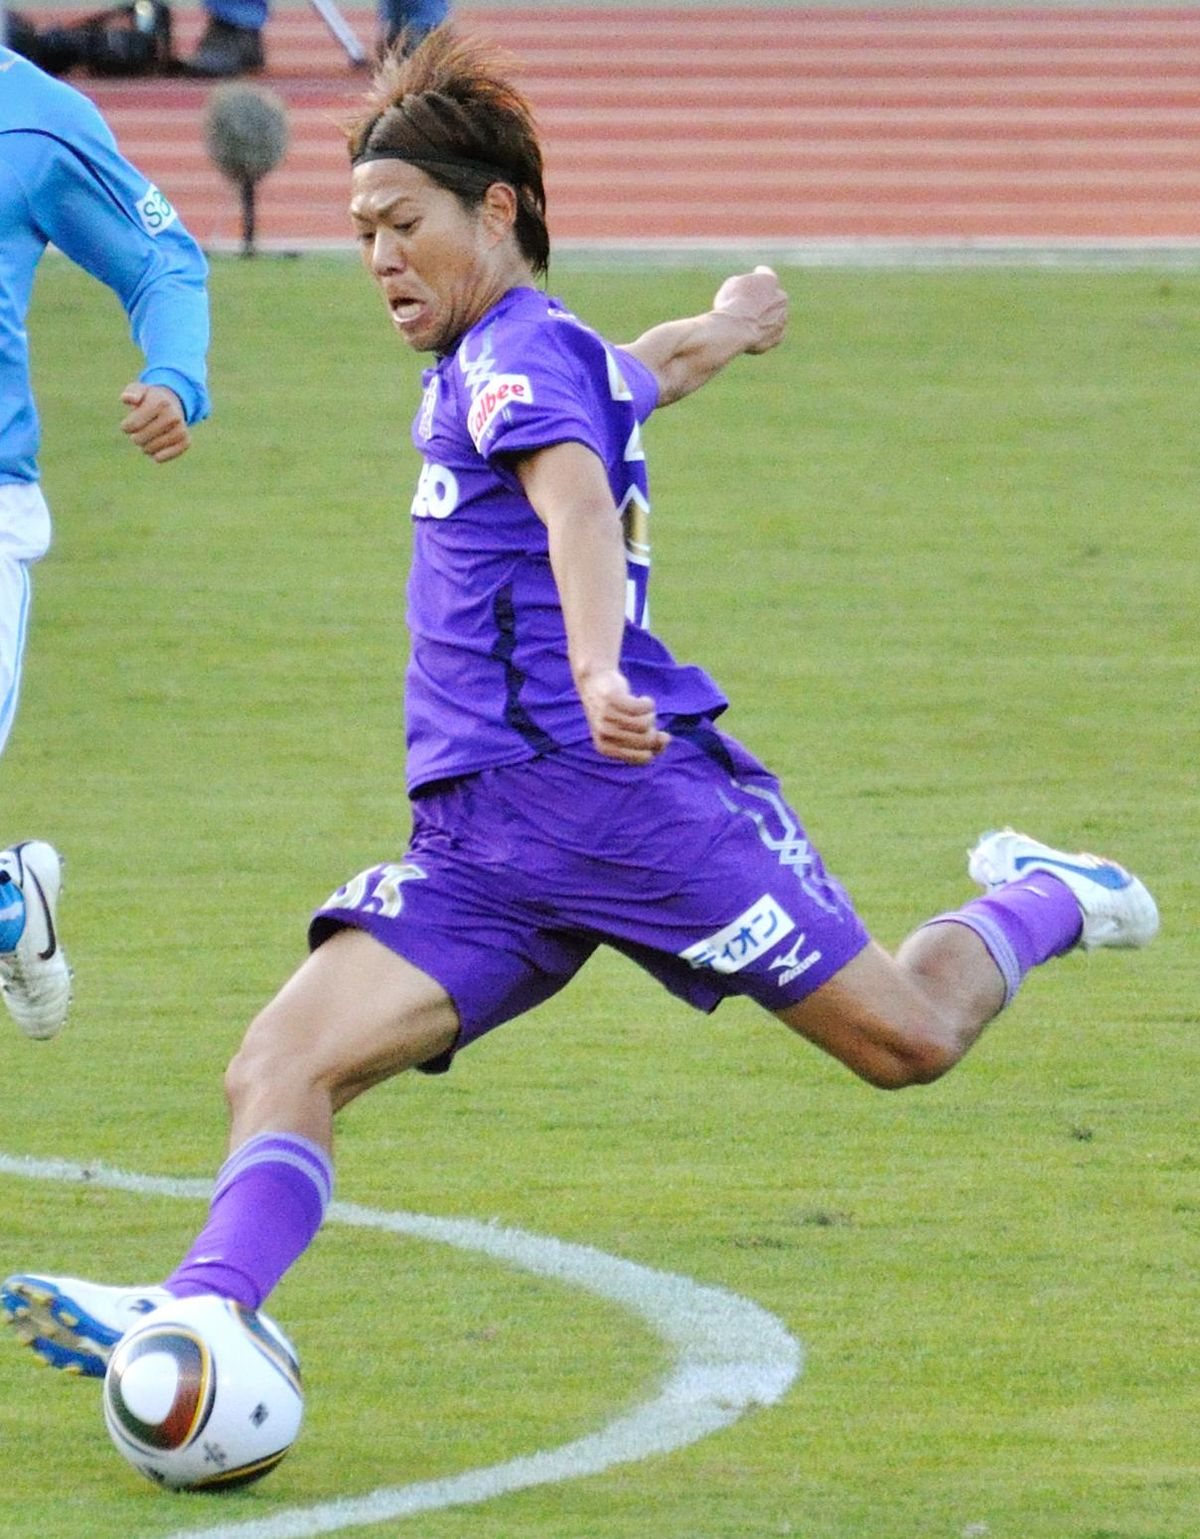 j.league 2 - zweigen kanazawa - montedio yamagata